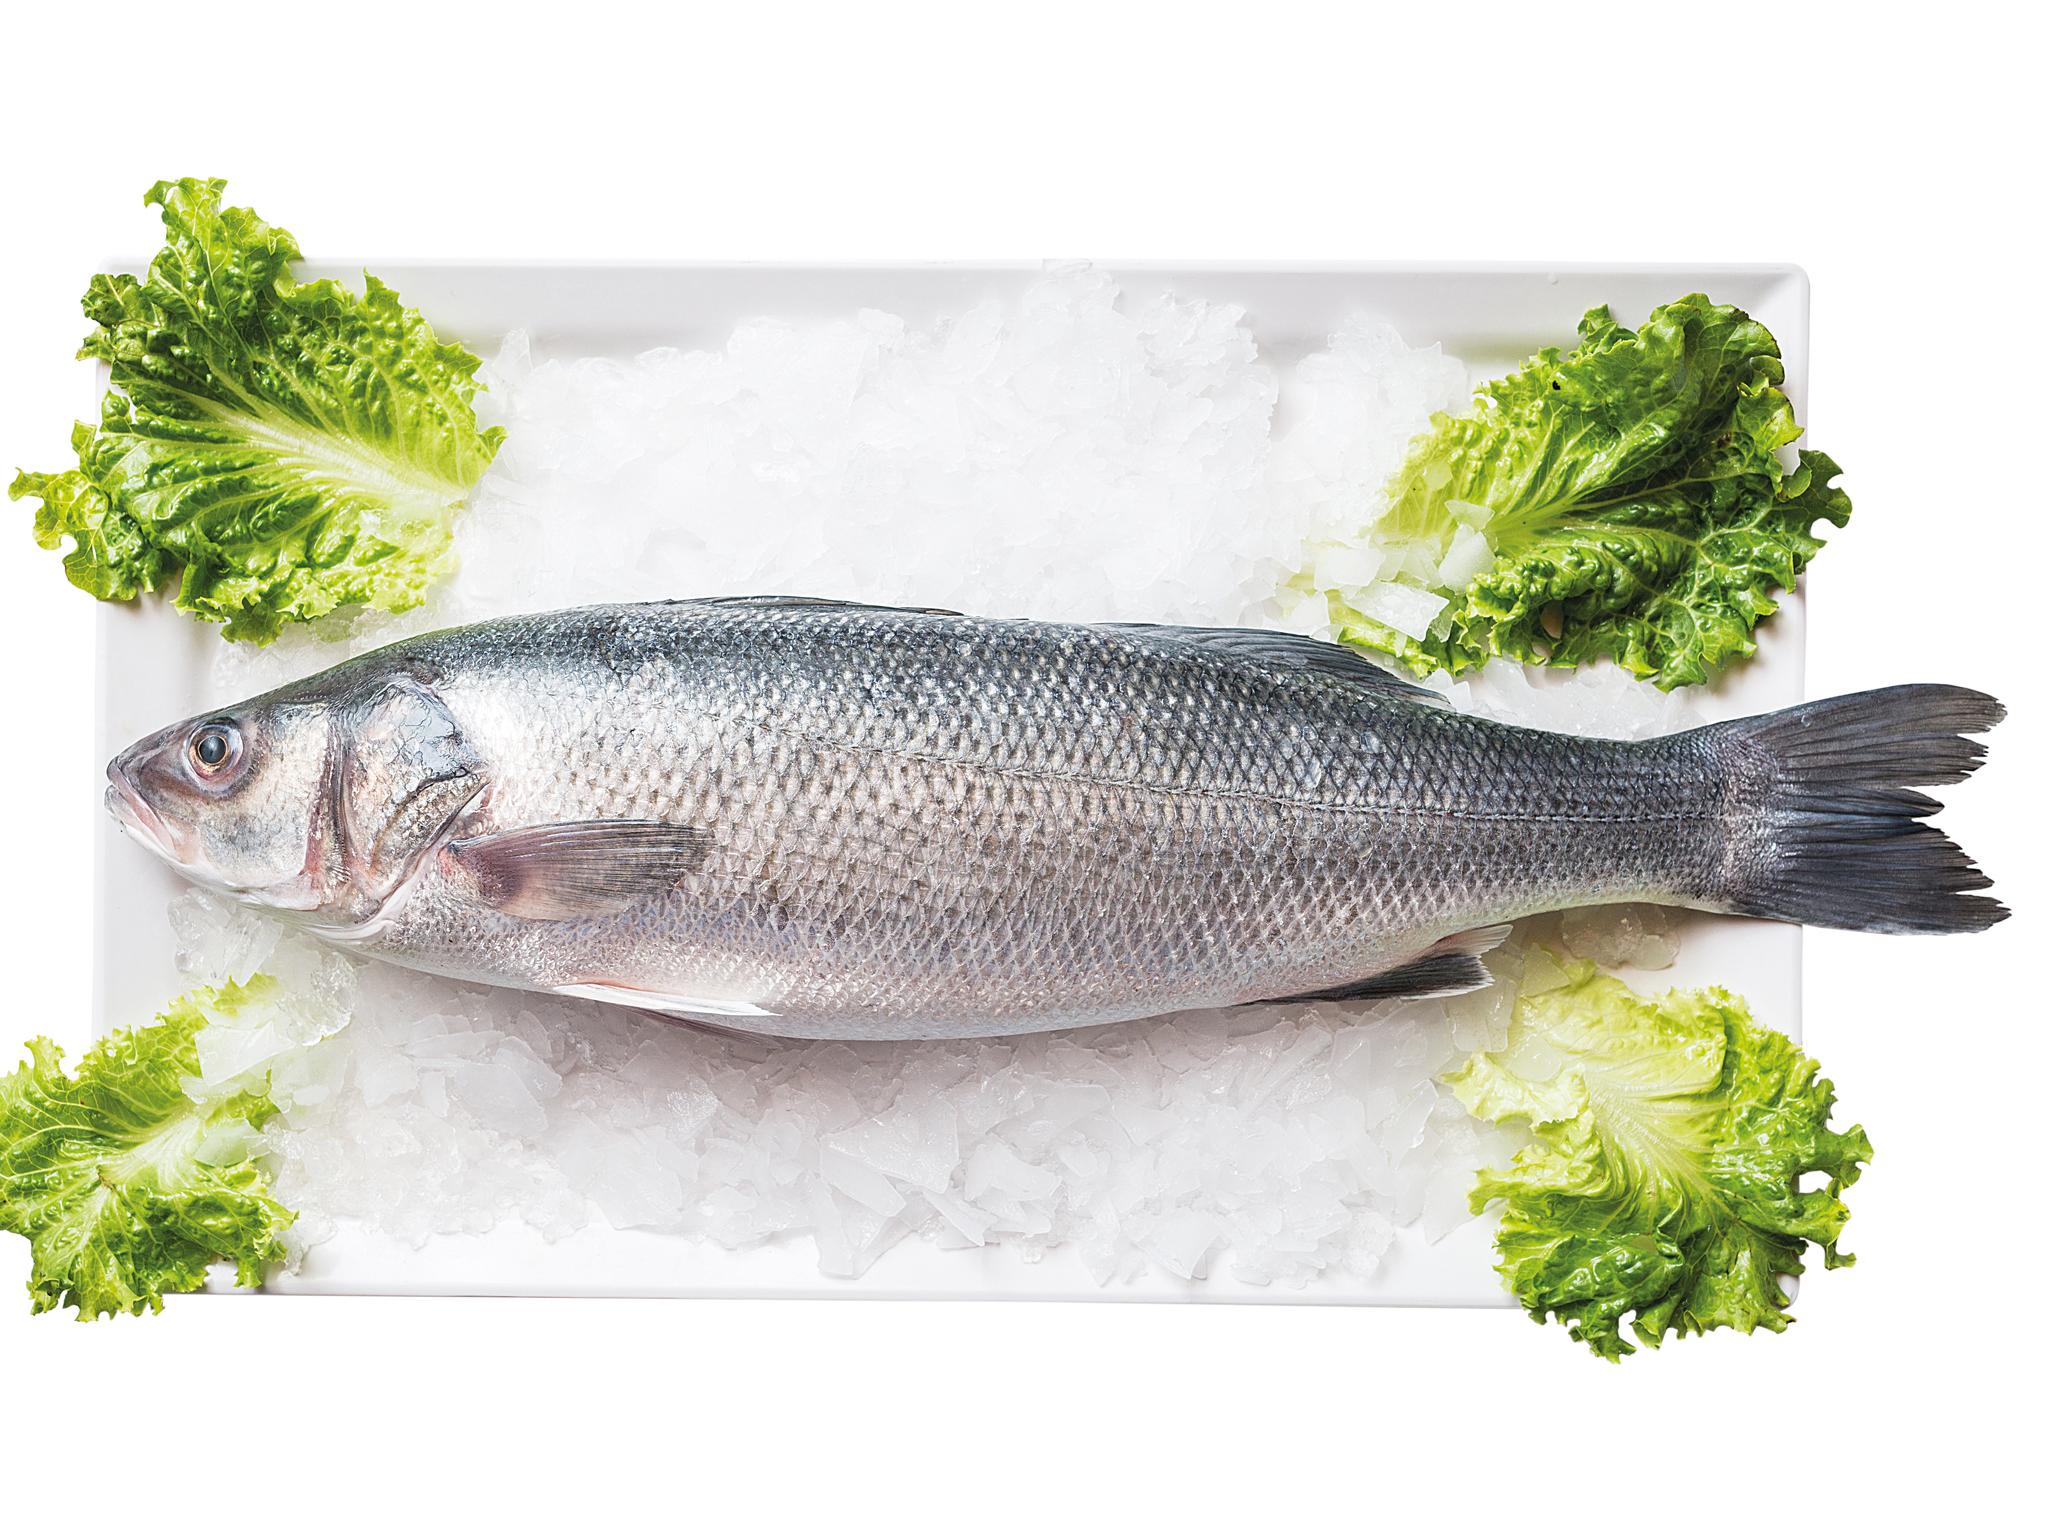 Os melhores restaurantes de peixe no Porto e arredores